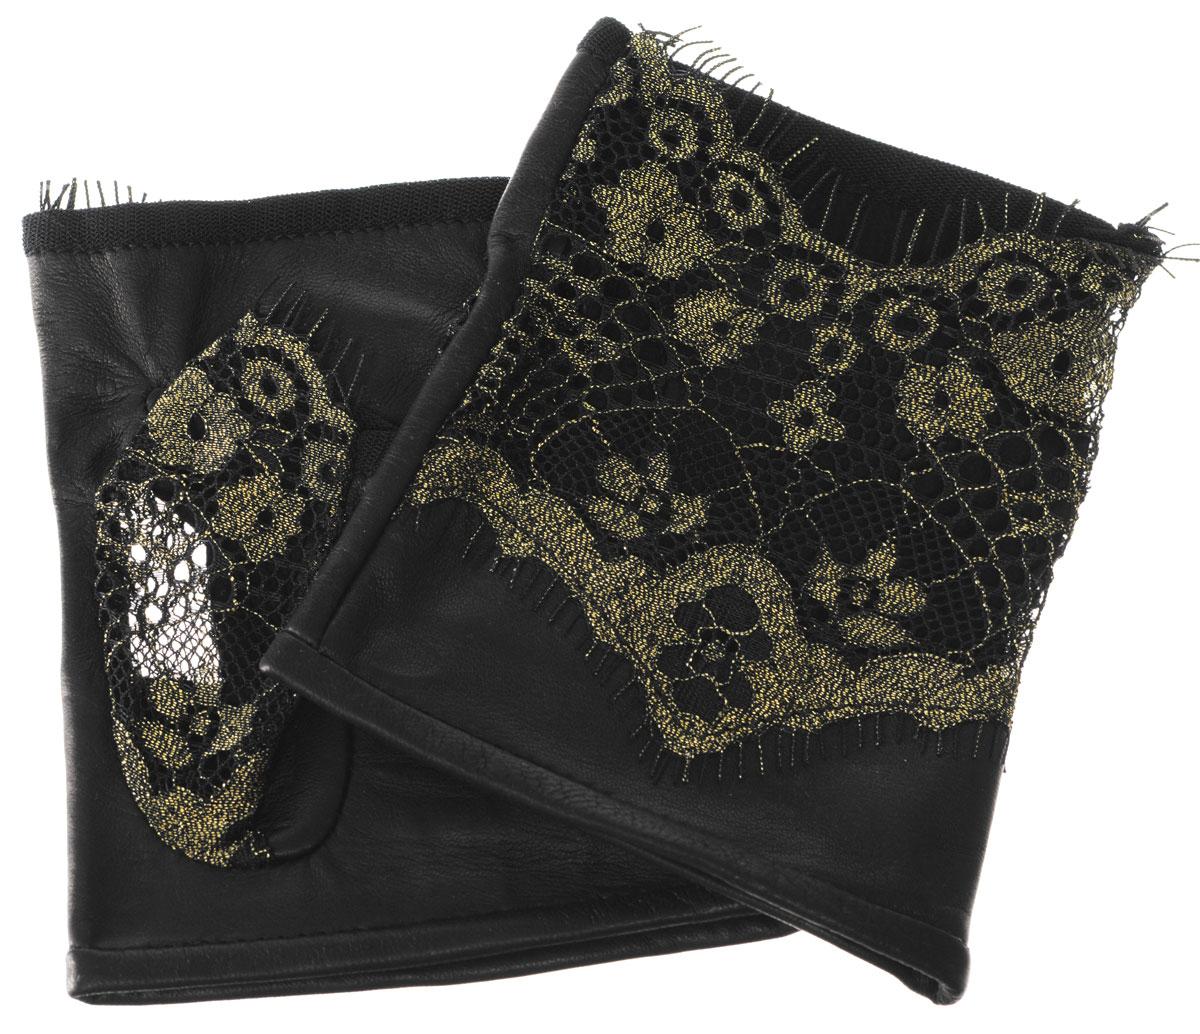 Митенки1050Лаконичные митенки Eleganzza изготовлены из гладкой, невероятно мягкой натуральной кожи ягненка. Внешняя часть декорирована кружевом. Первоначально митенки использовались для защиты от холода при выполнении работ, требующих подвижности пальцев. Но начиная с XVIII века митенки стали использоваться как модный женский аксессуар, дамы носили митенки и в помещениях, соответственно митенки выполняли больше эстетическую, а не практическую функцию. Такая мода продержалась и в XIX веке. Использовались как простые вязаные митенки, так и кружевные, причем они могли по длине доходить как до середины руки, так и до локтя. В России митенки использовались еще в XIX веке и считались женскими перчатками. В настоящий момент митенки используются как женщинами, так и мужчинами, но все-таки в большей степени считаются женским аксессуаром одежды!